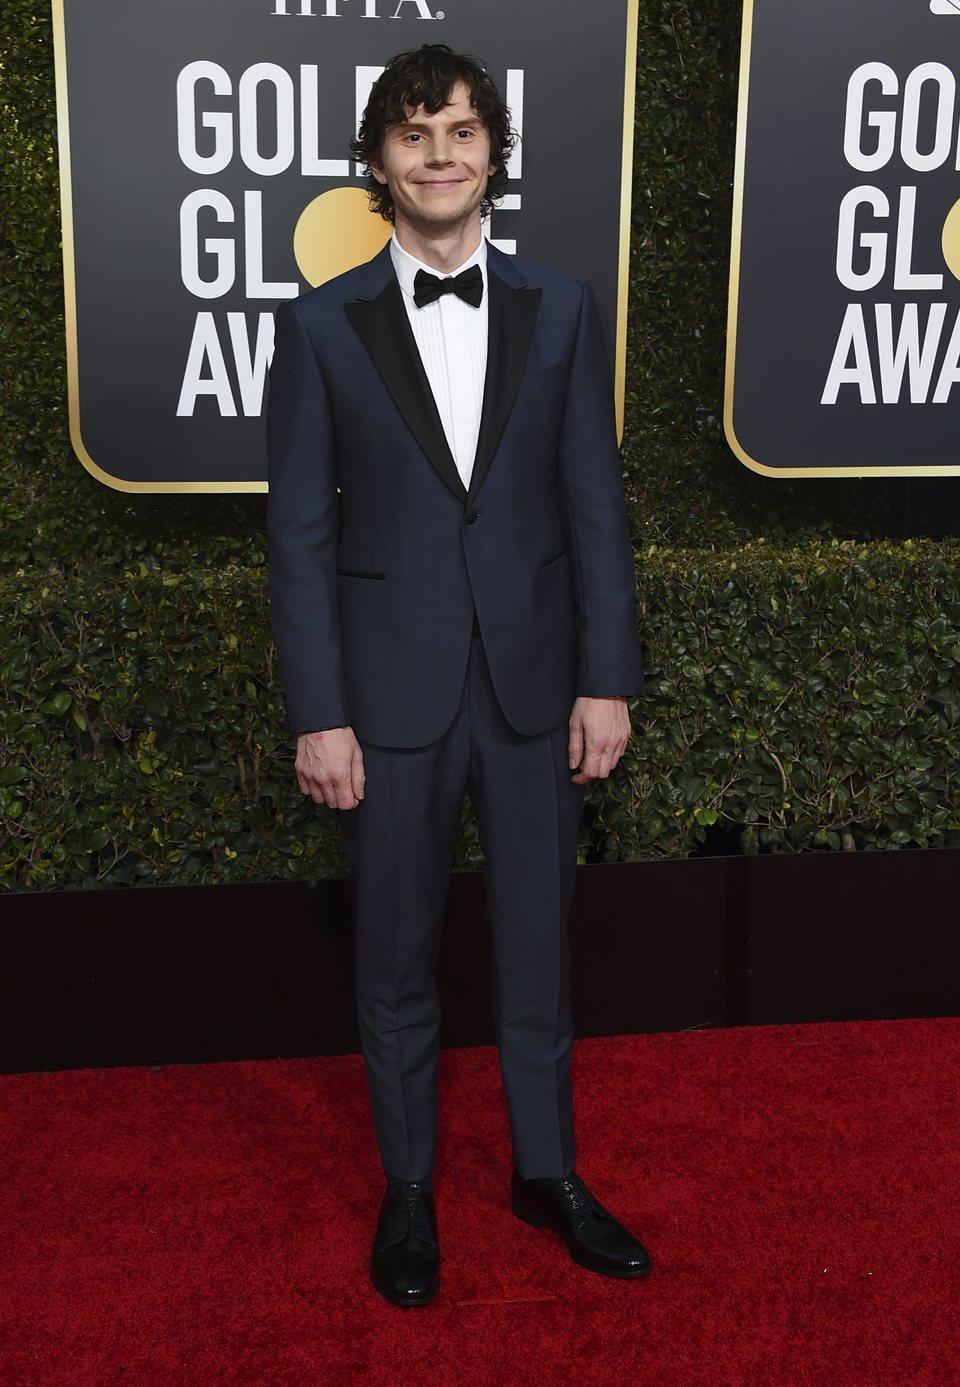 Evan Peters en la alfombra roja de los Globos de Oro 2019